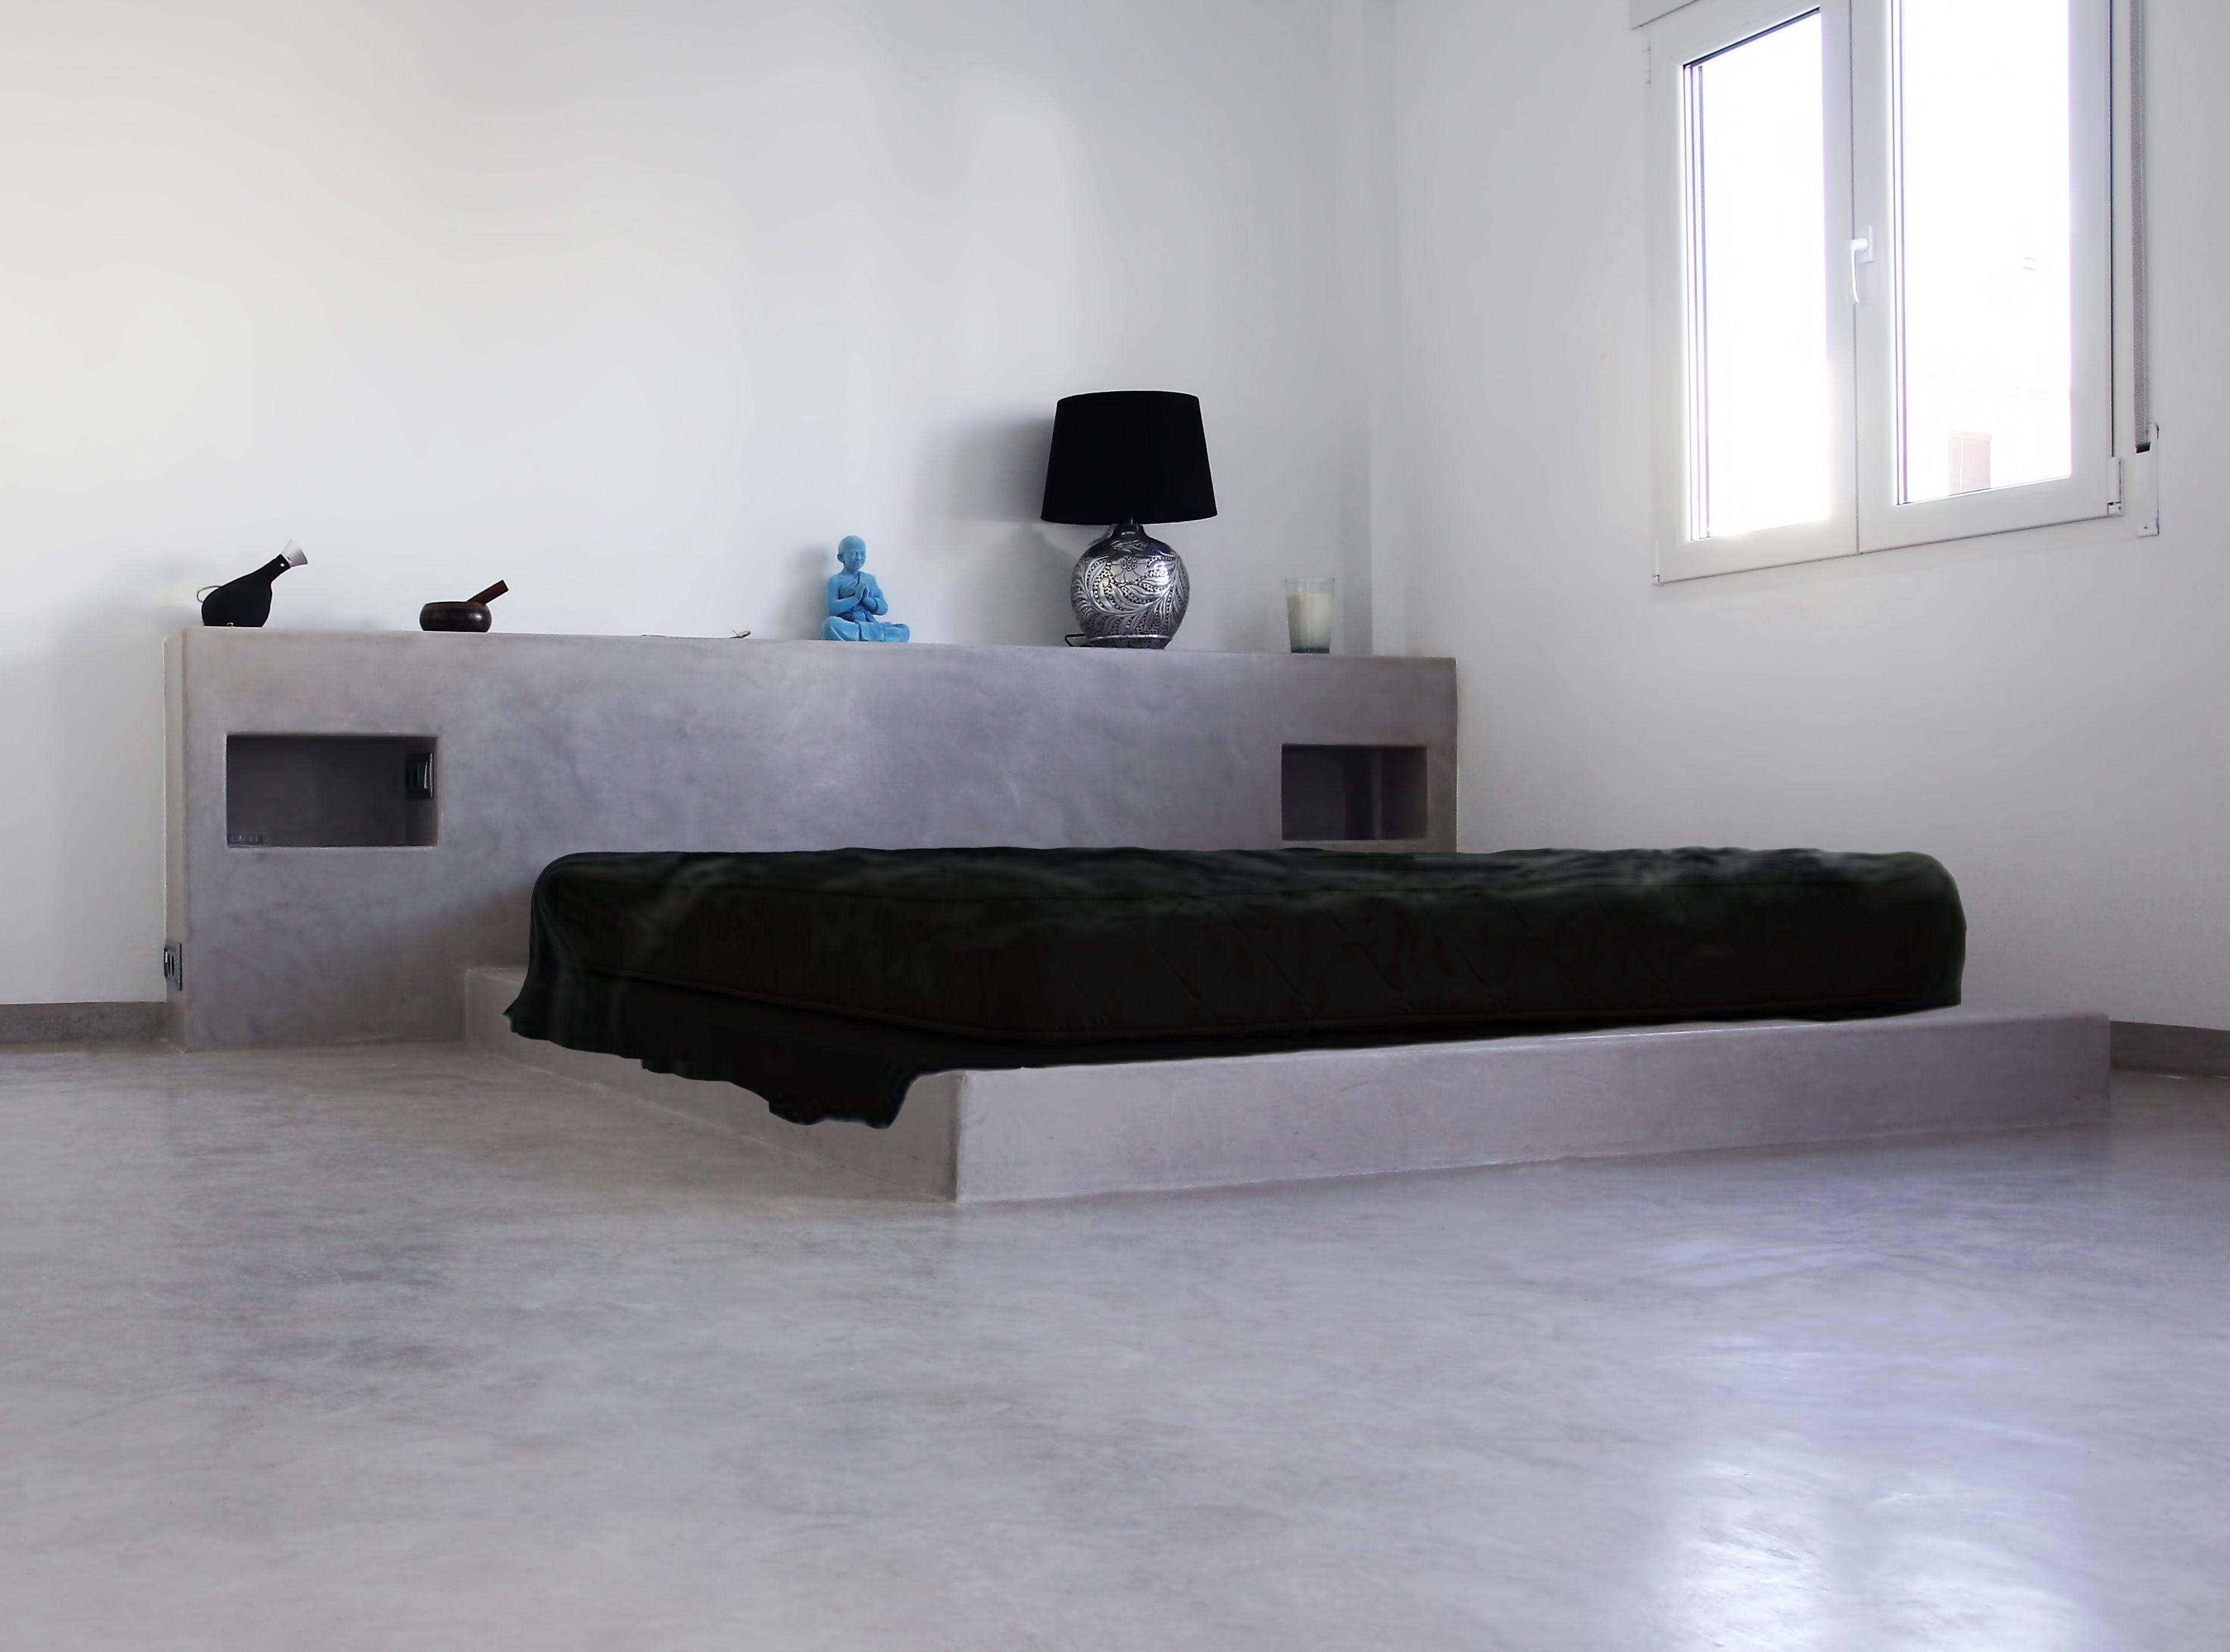 Gris cemento suelo cama y cabezal de una sola pieza - Decoracion con microcemento ...